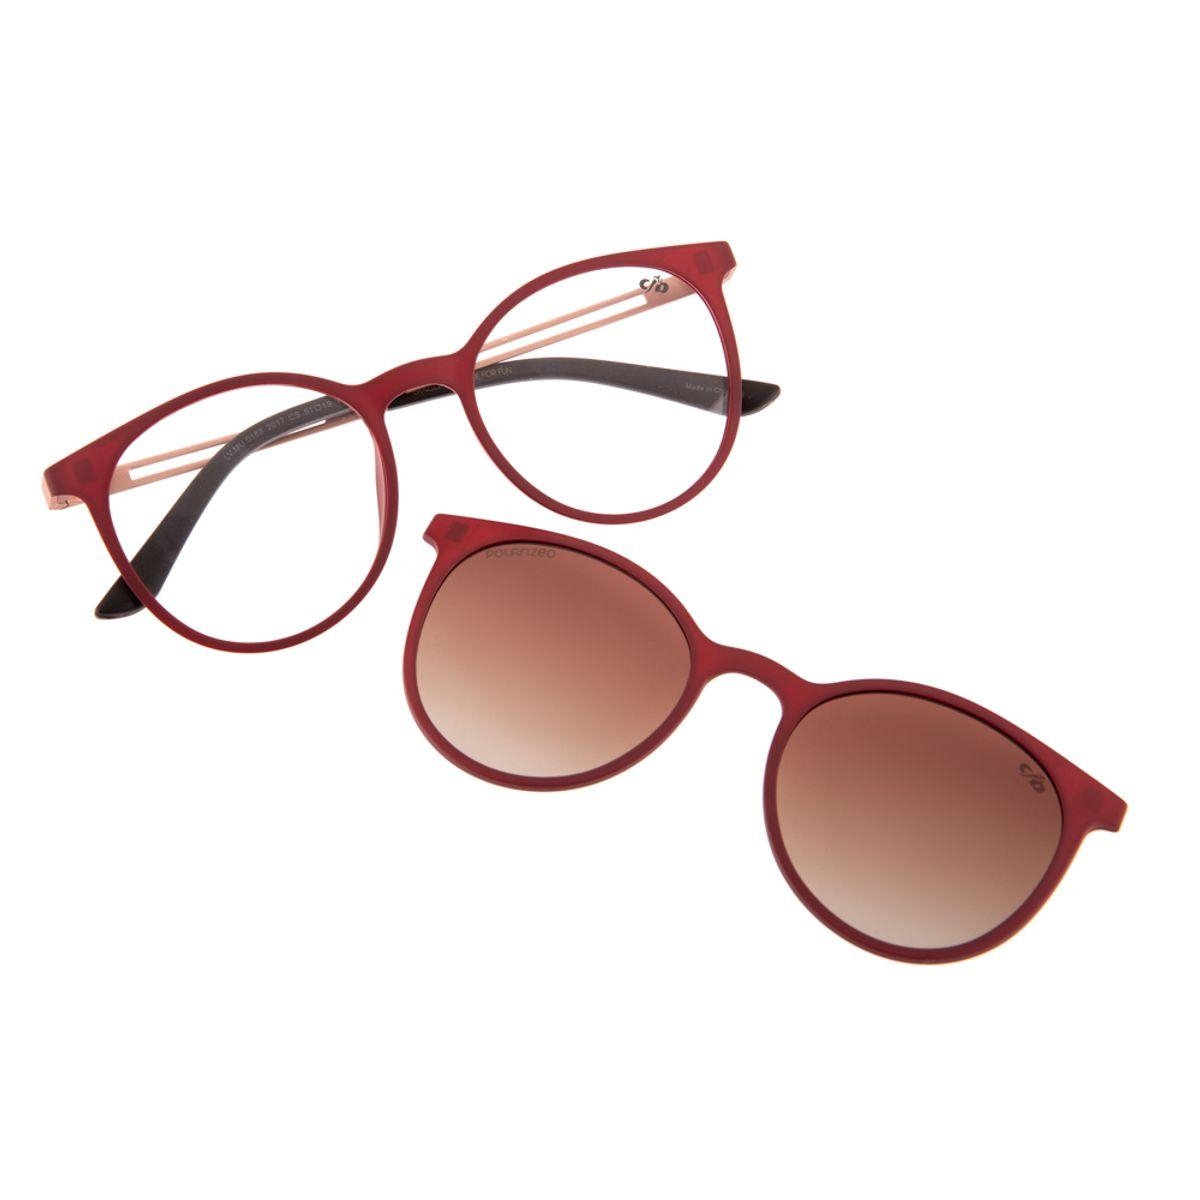 4fb5af221 Armação para Óculos de Grau Feminino Chilli Beans Redondo Multi ...